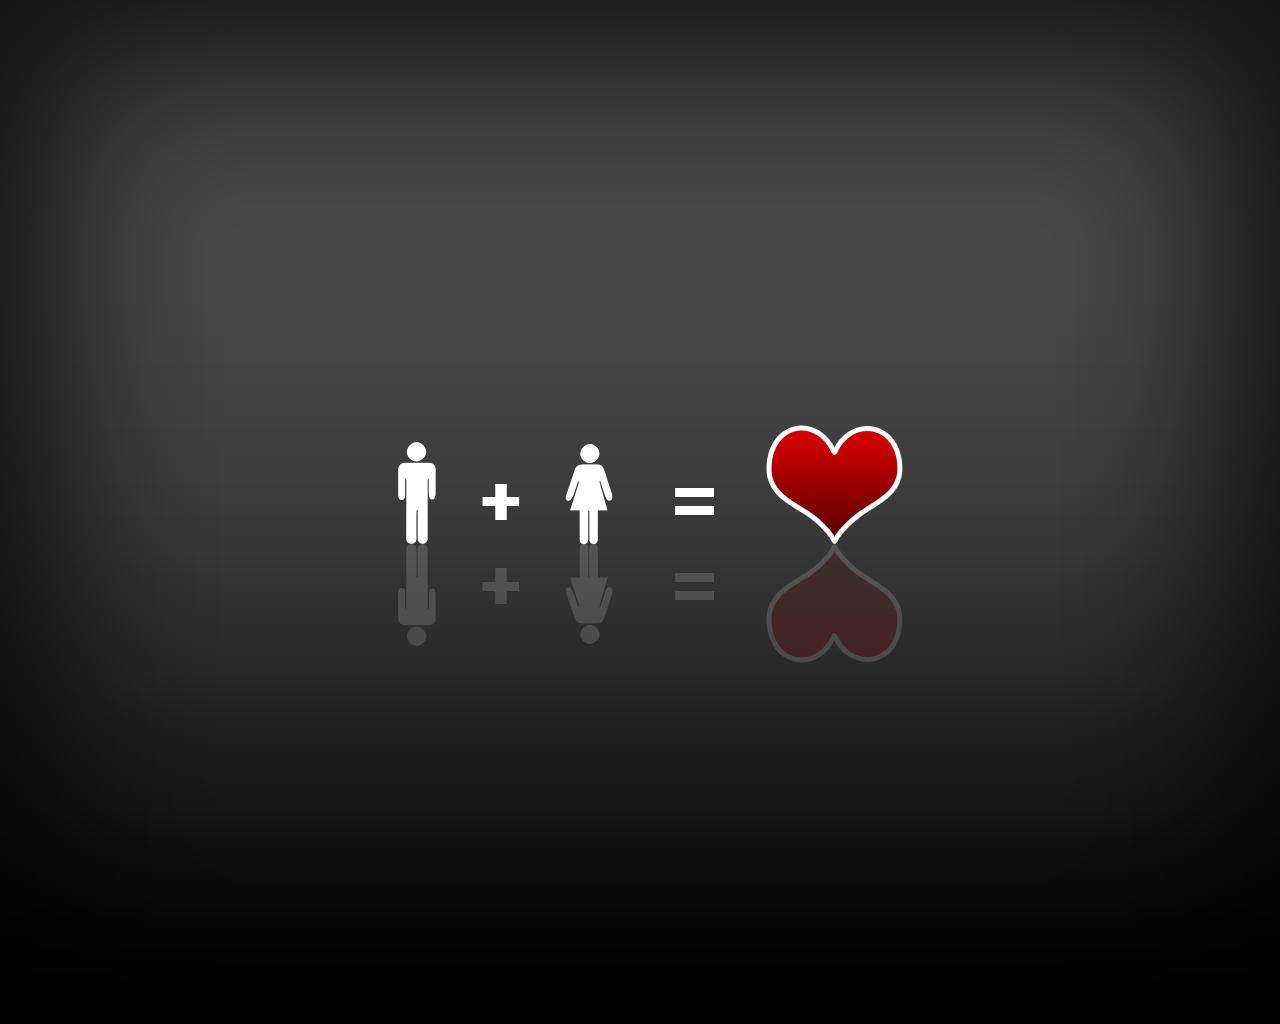 Love Wallpaper Hd: HD Love Wallpapers